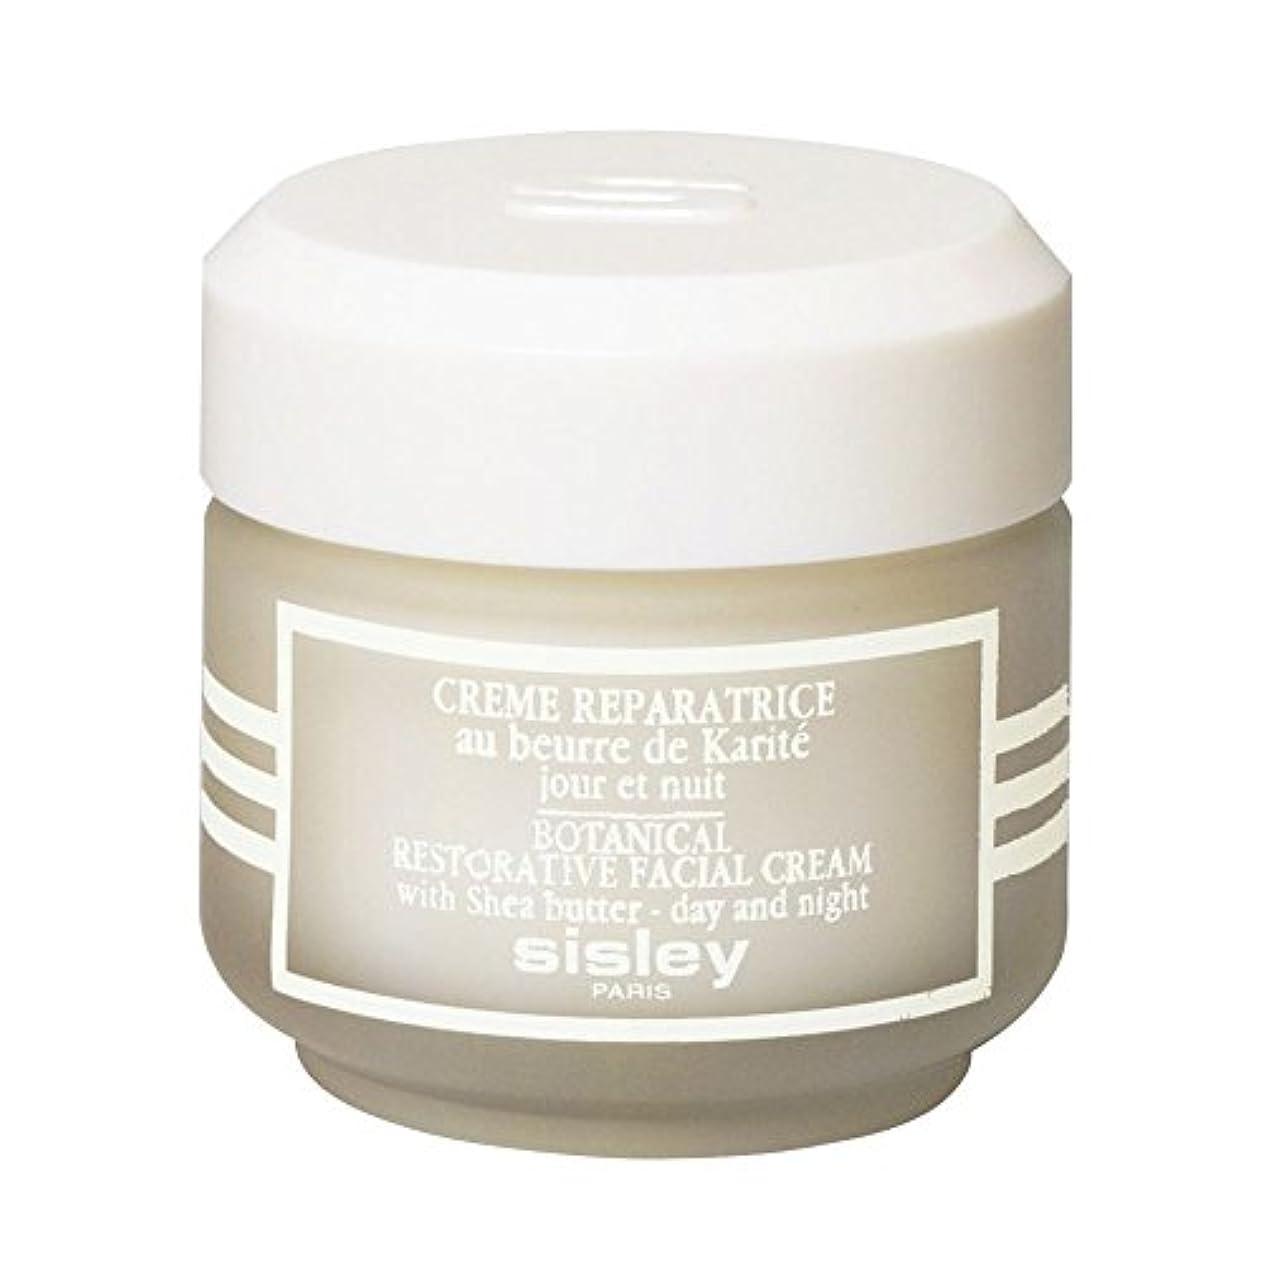 合体ローン海賊[Sisley] シスレーボタニカル修復フェイスクリーム、50ミリリットル - Sisley Botanical Restorative Face Cream, 50ml [並行輸入品]